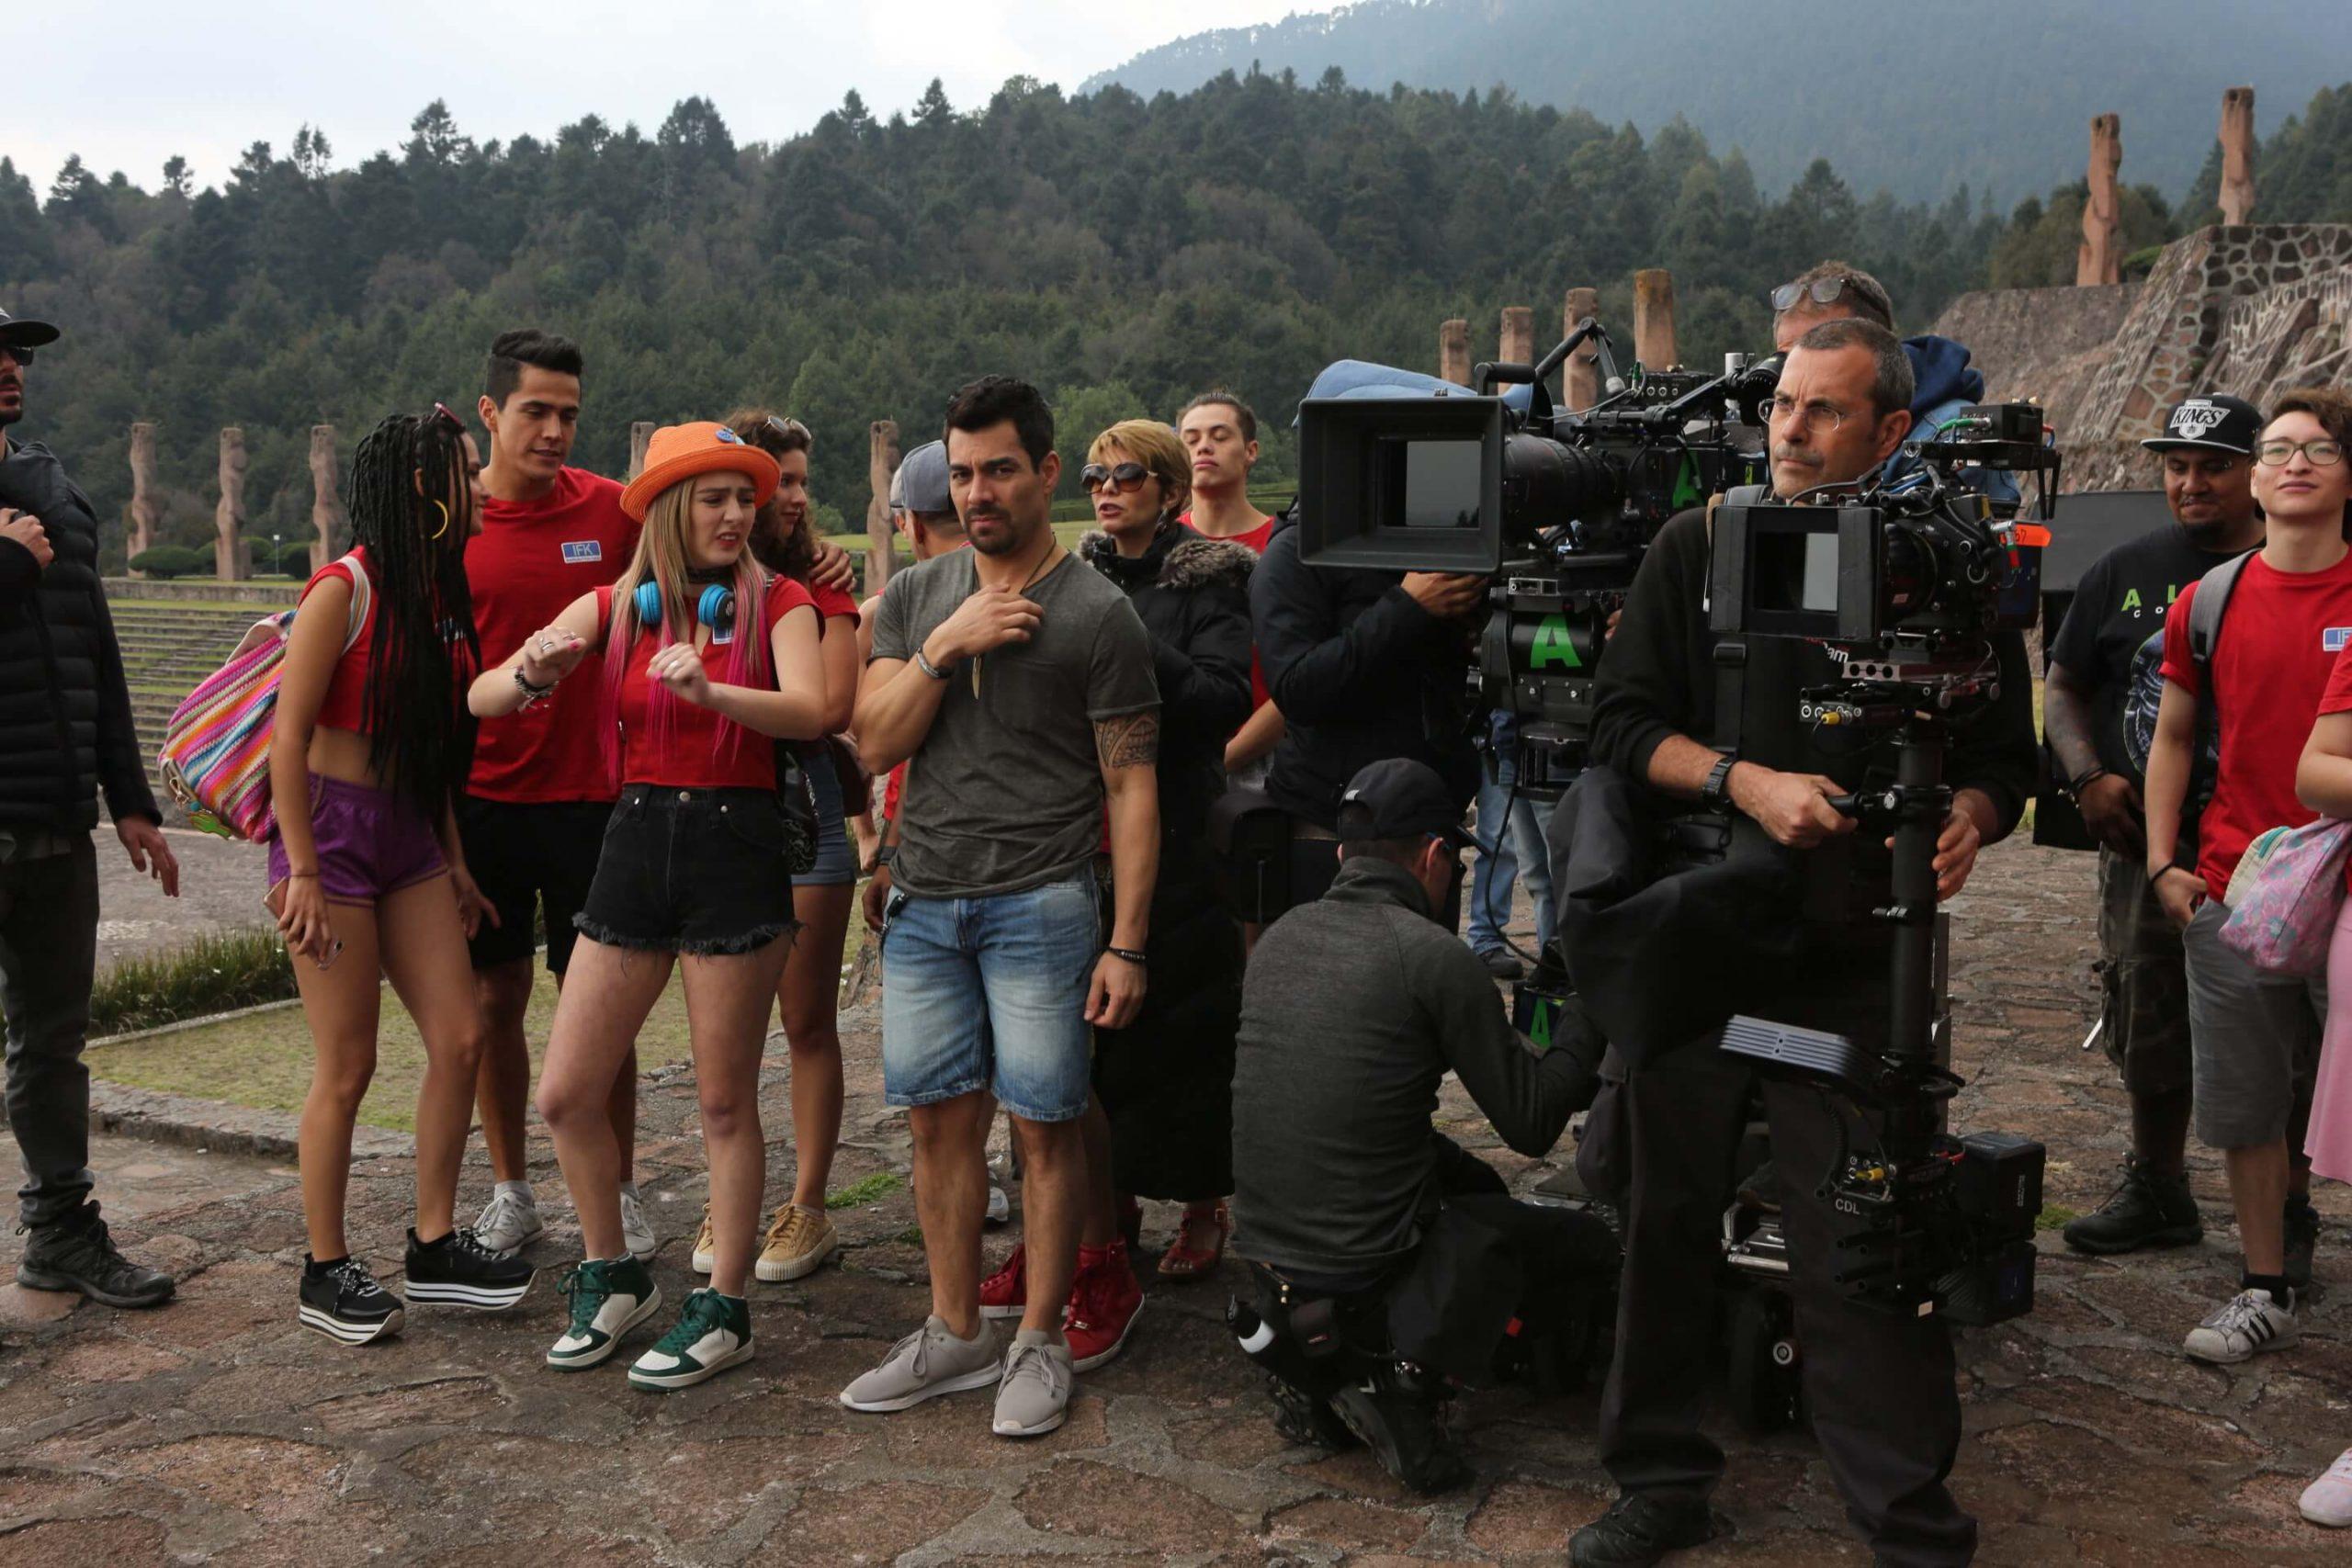 mc_studios-casa_productora_de_cine_peliculas-inicio_camara_filmacion-nosotros-galeria-no_manches_frida_2_foto_13